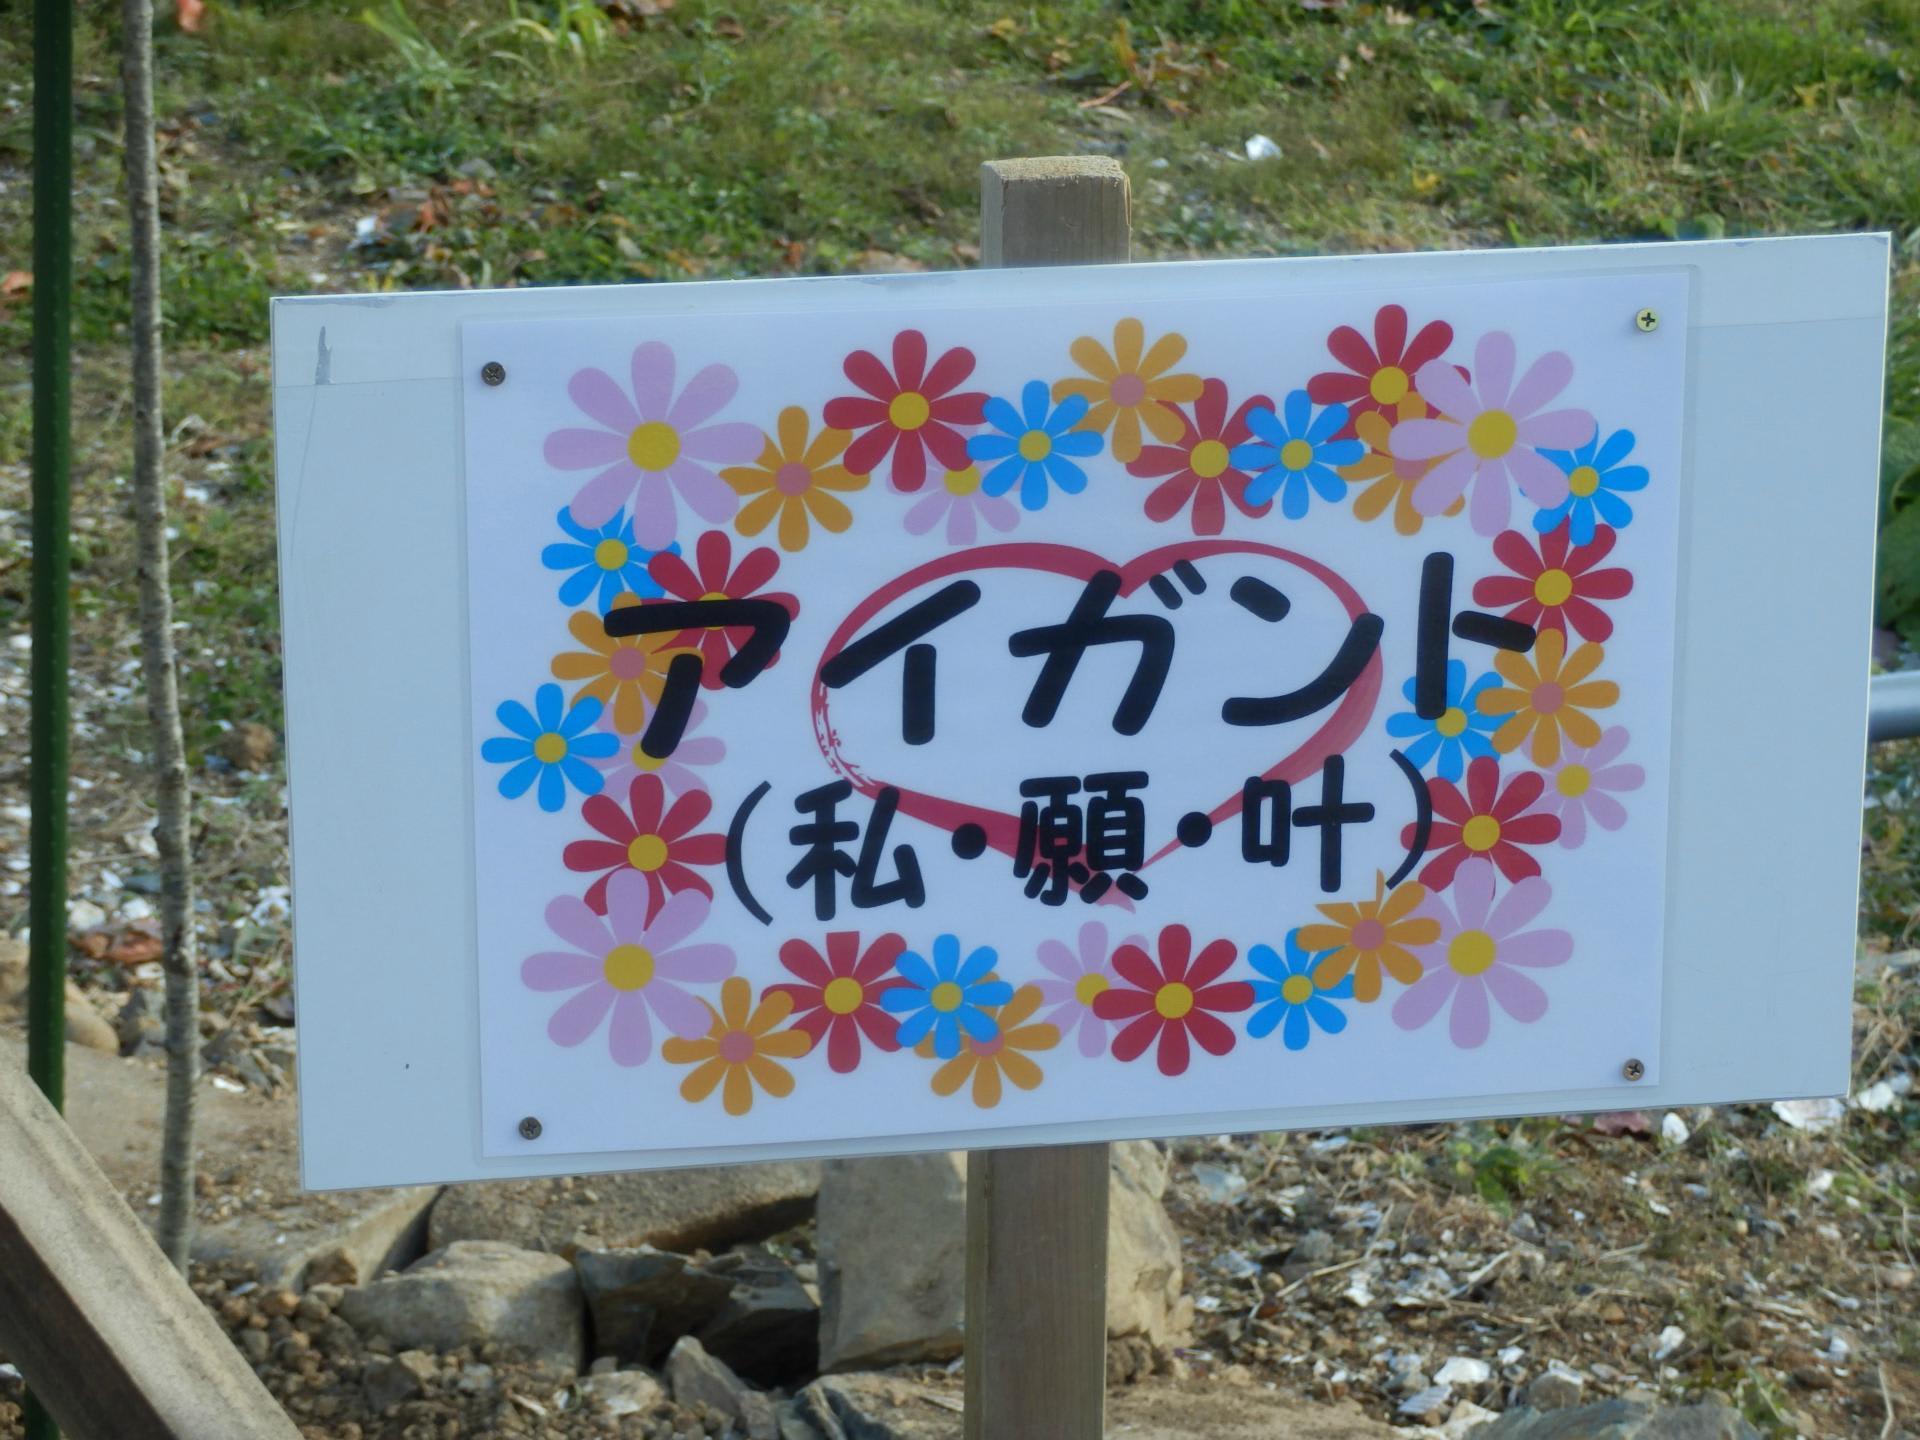 コハル (ポケットモンスター・テレビアニメ第7シリーズ)の画像 p1_28